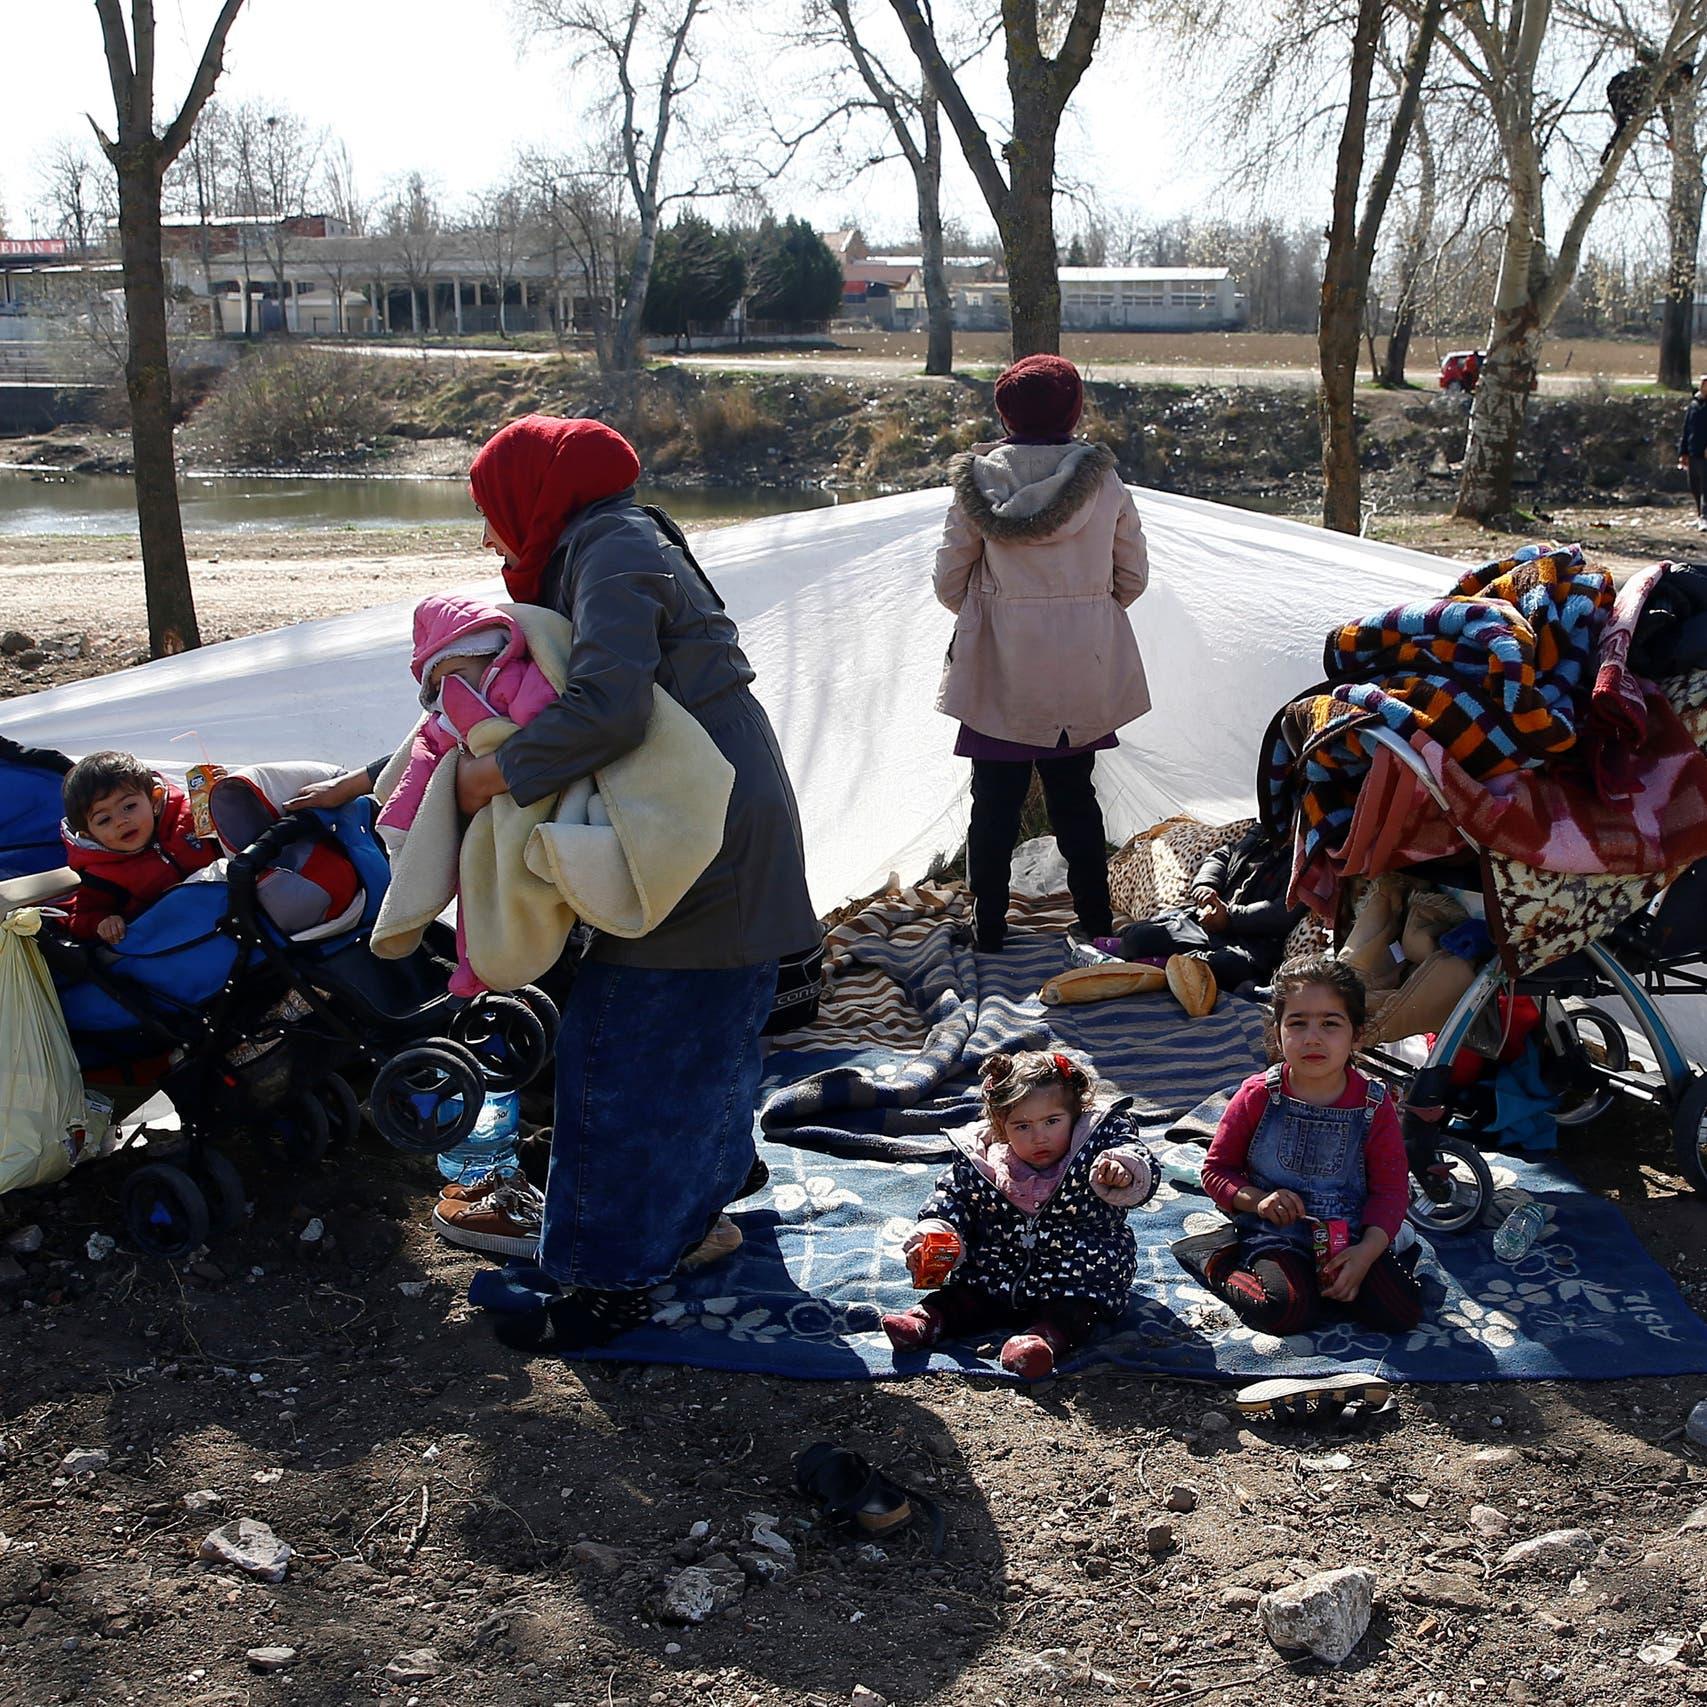 فرنسا: استغلال تركيا للمهاجرين لابتزاز أوروبا غير مقبول